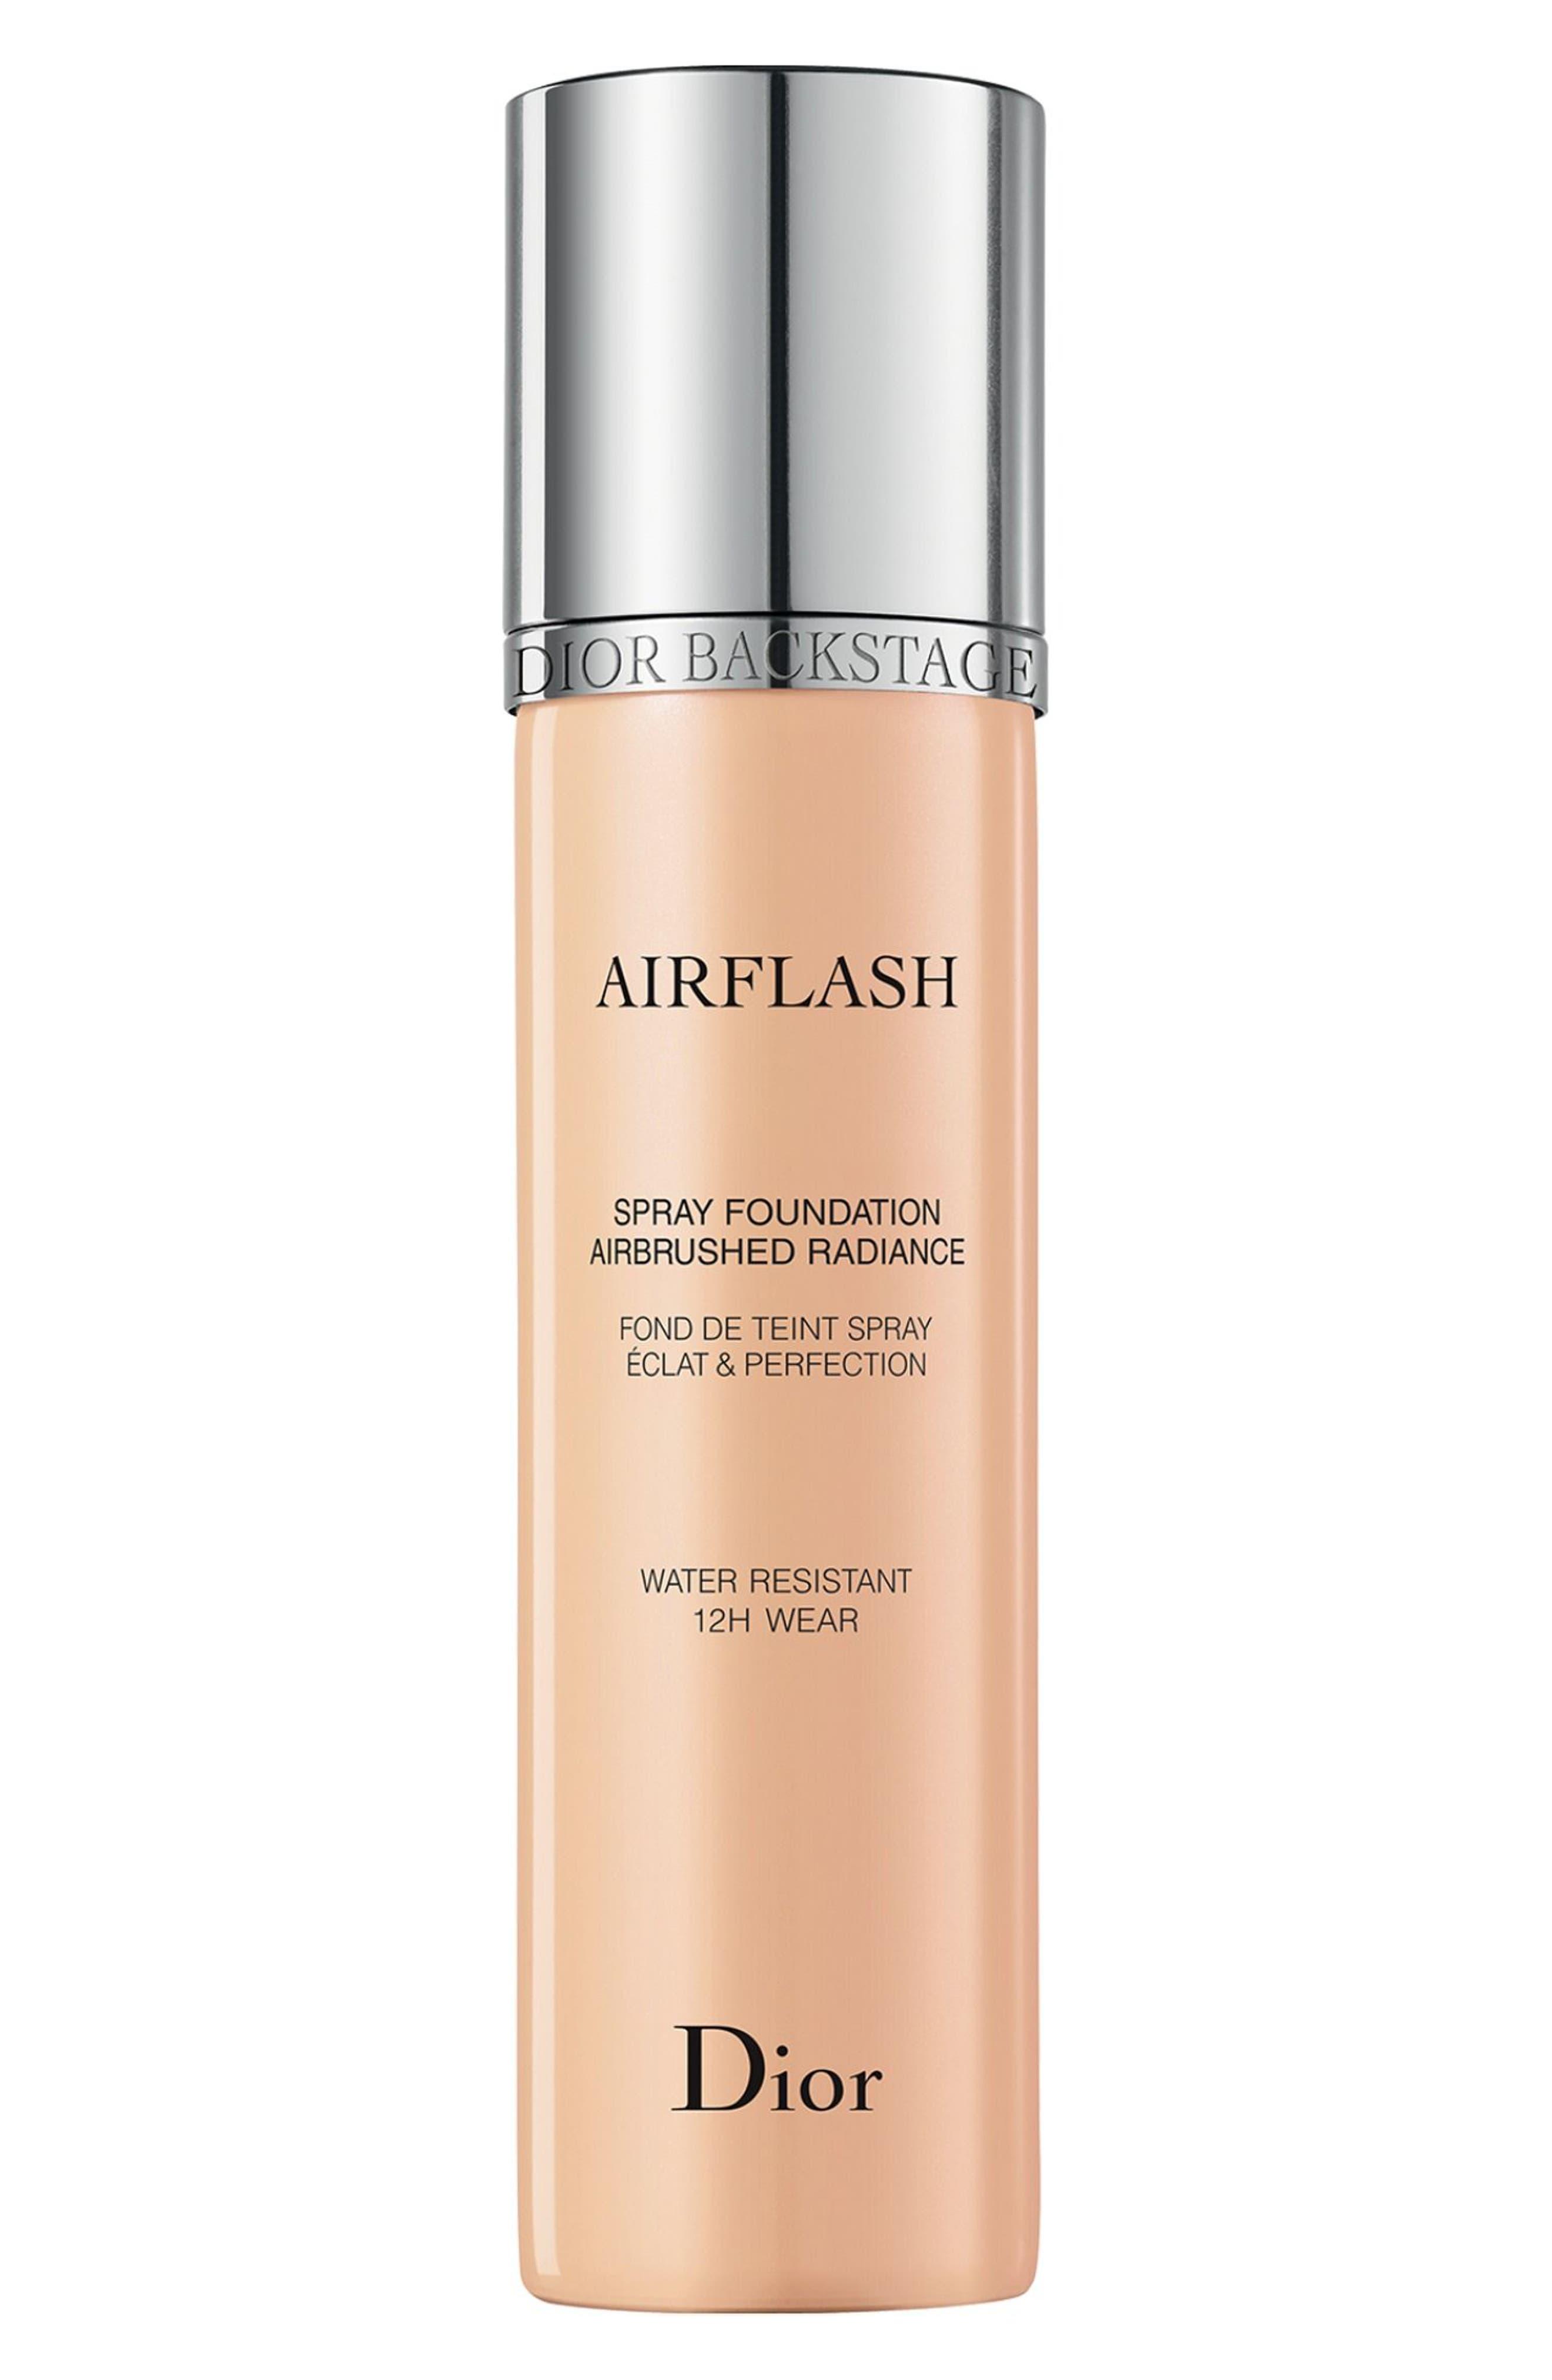 Dior Diorskin Airflash Spray Foundation - 200 Light Beige